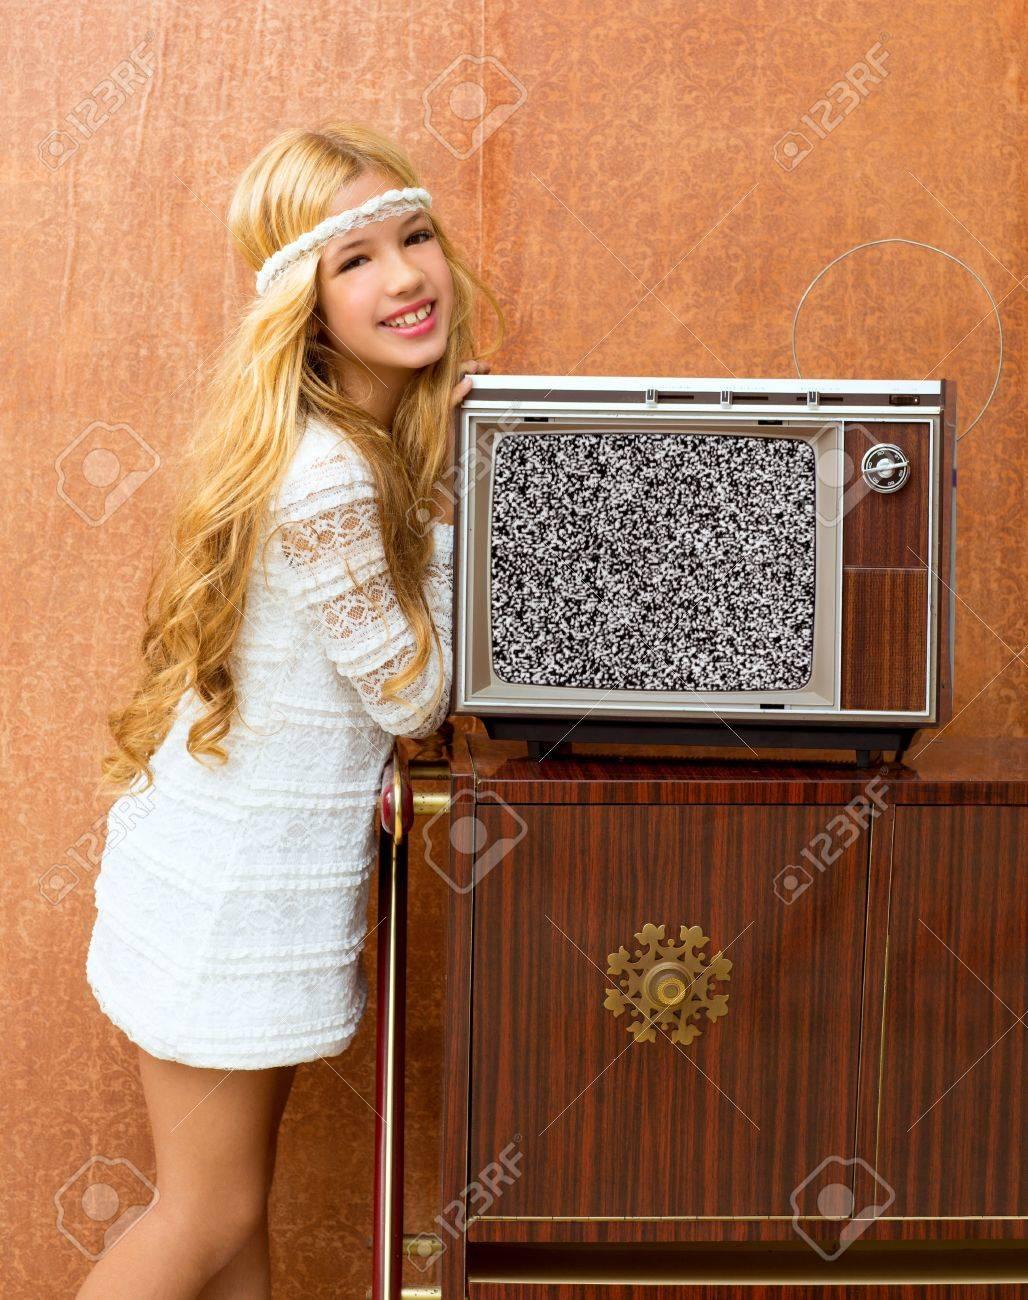 Banque d images - Blonde fille de cru enfant des années 70 avec tv amour  rétro vieux papier peint 629d799c094